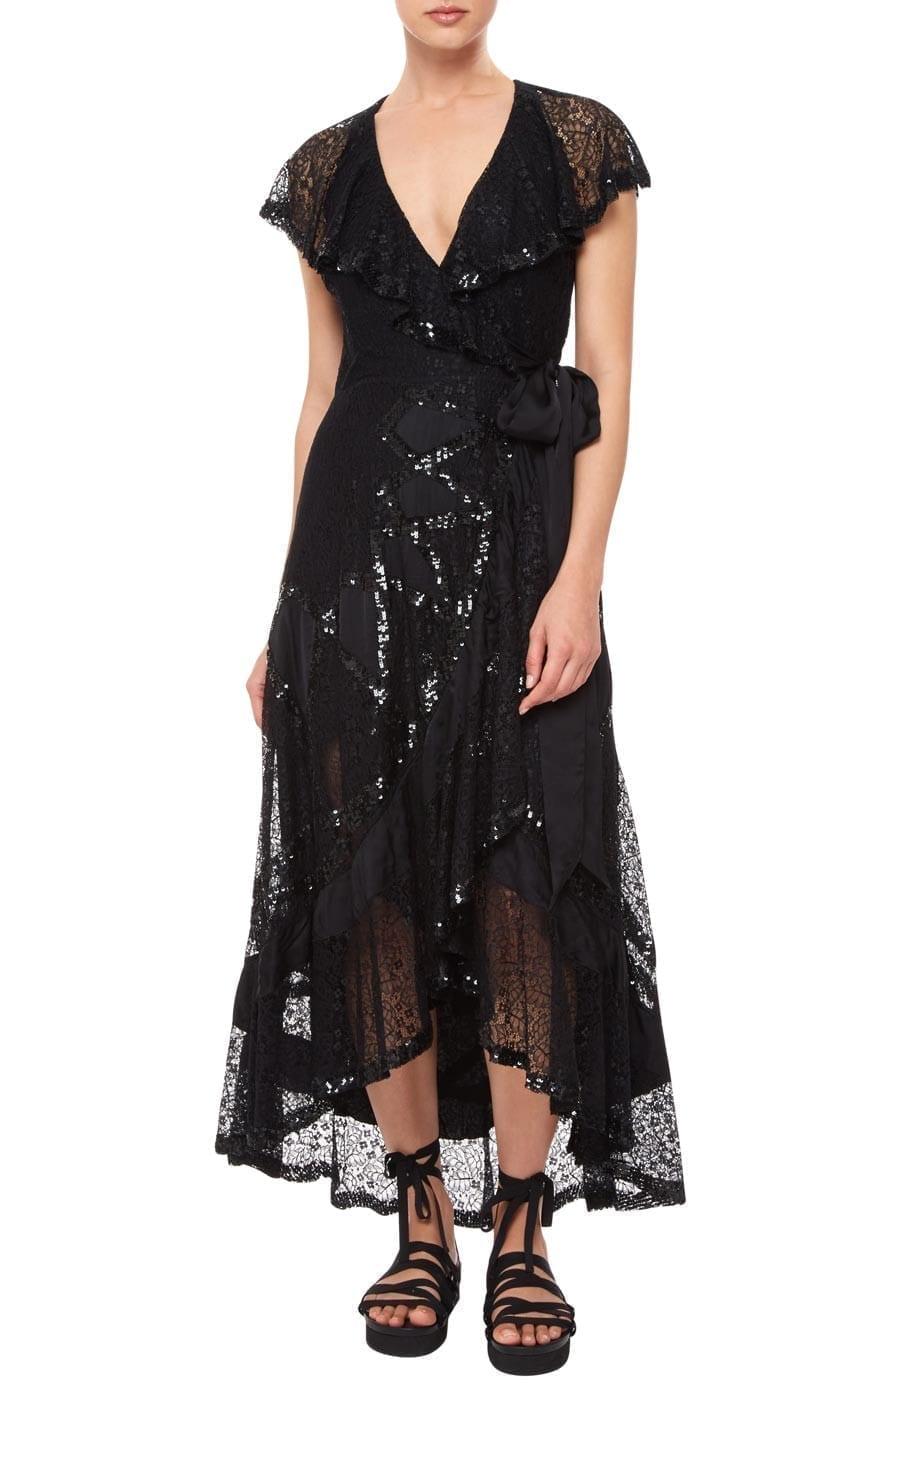 TEMPERLEY LONDON Boulevard Ruffle Black Dress